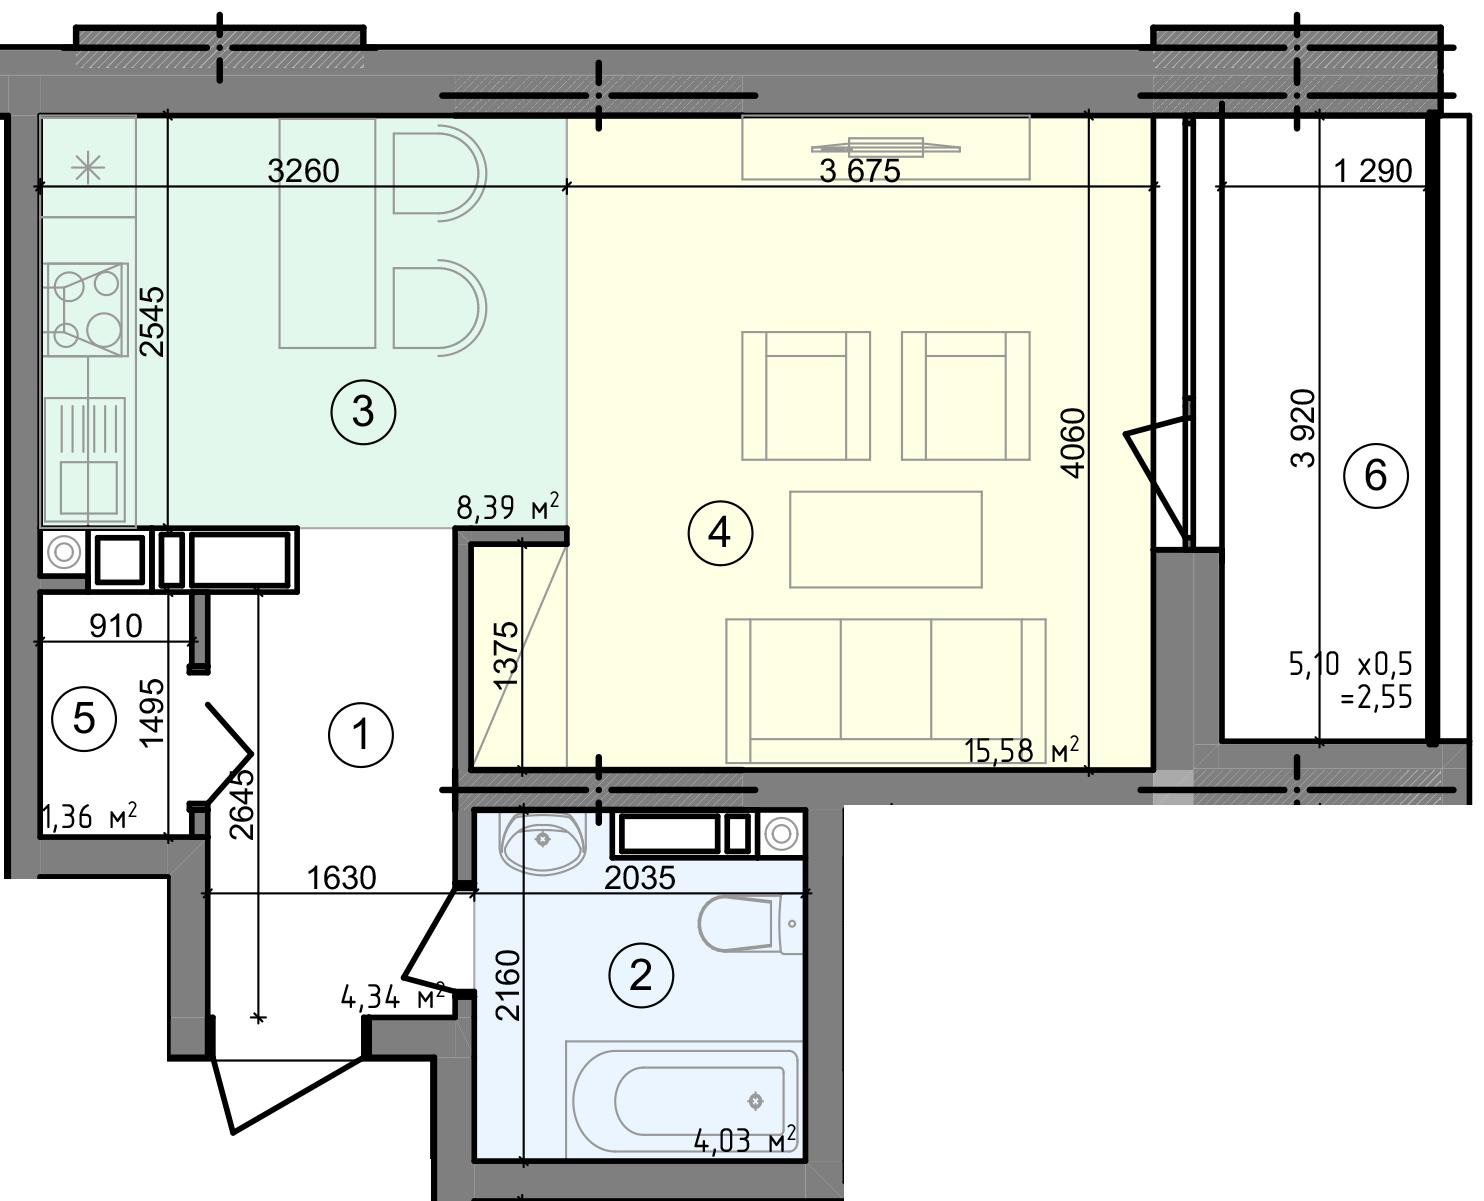 Купити Однокімнатна квартира 36,25 кв.м., тип 1.1, будинок 3 секція 3 в Києві Голосіївський район